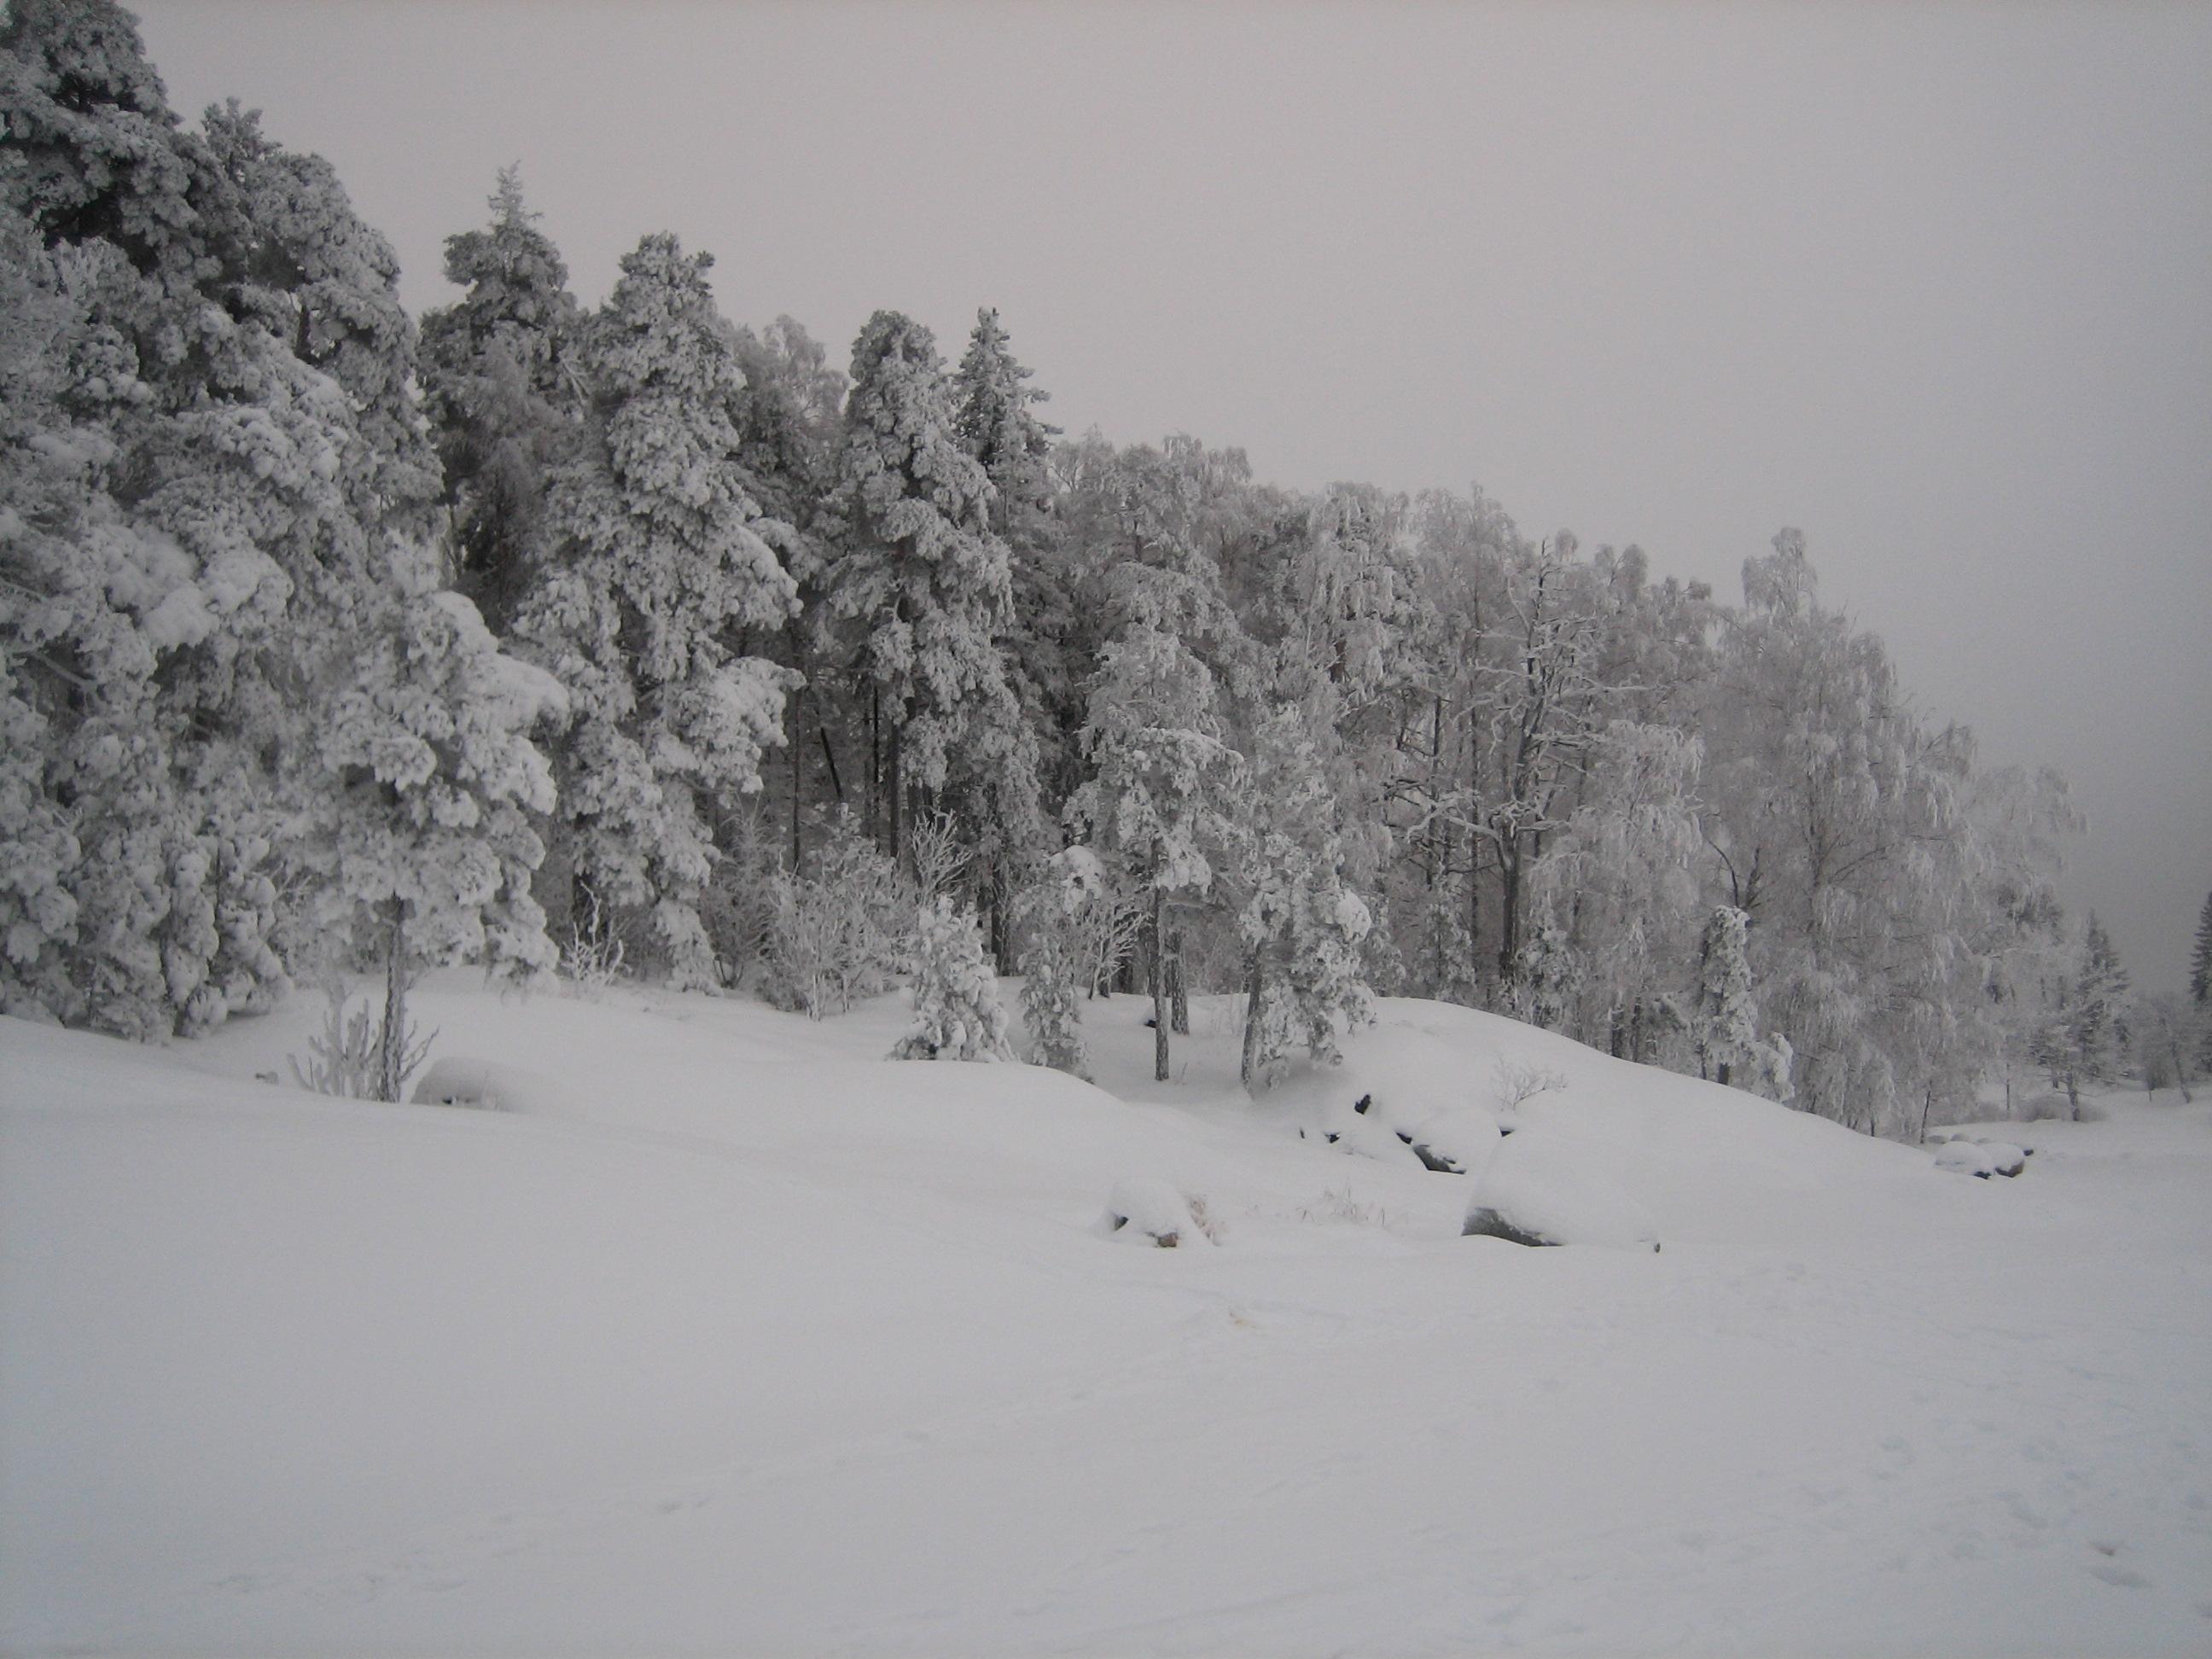 File:Frosty trees in winter wonderland Killingholma ...